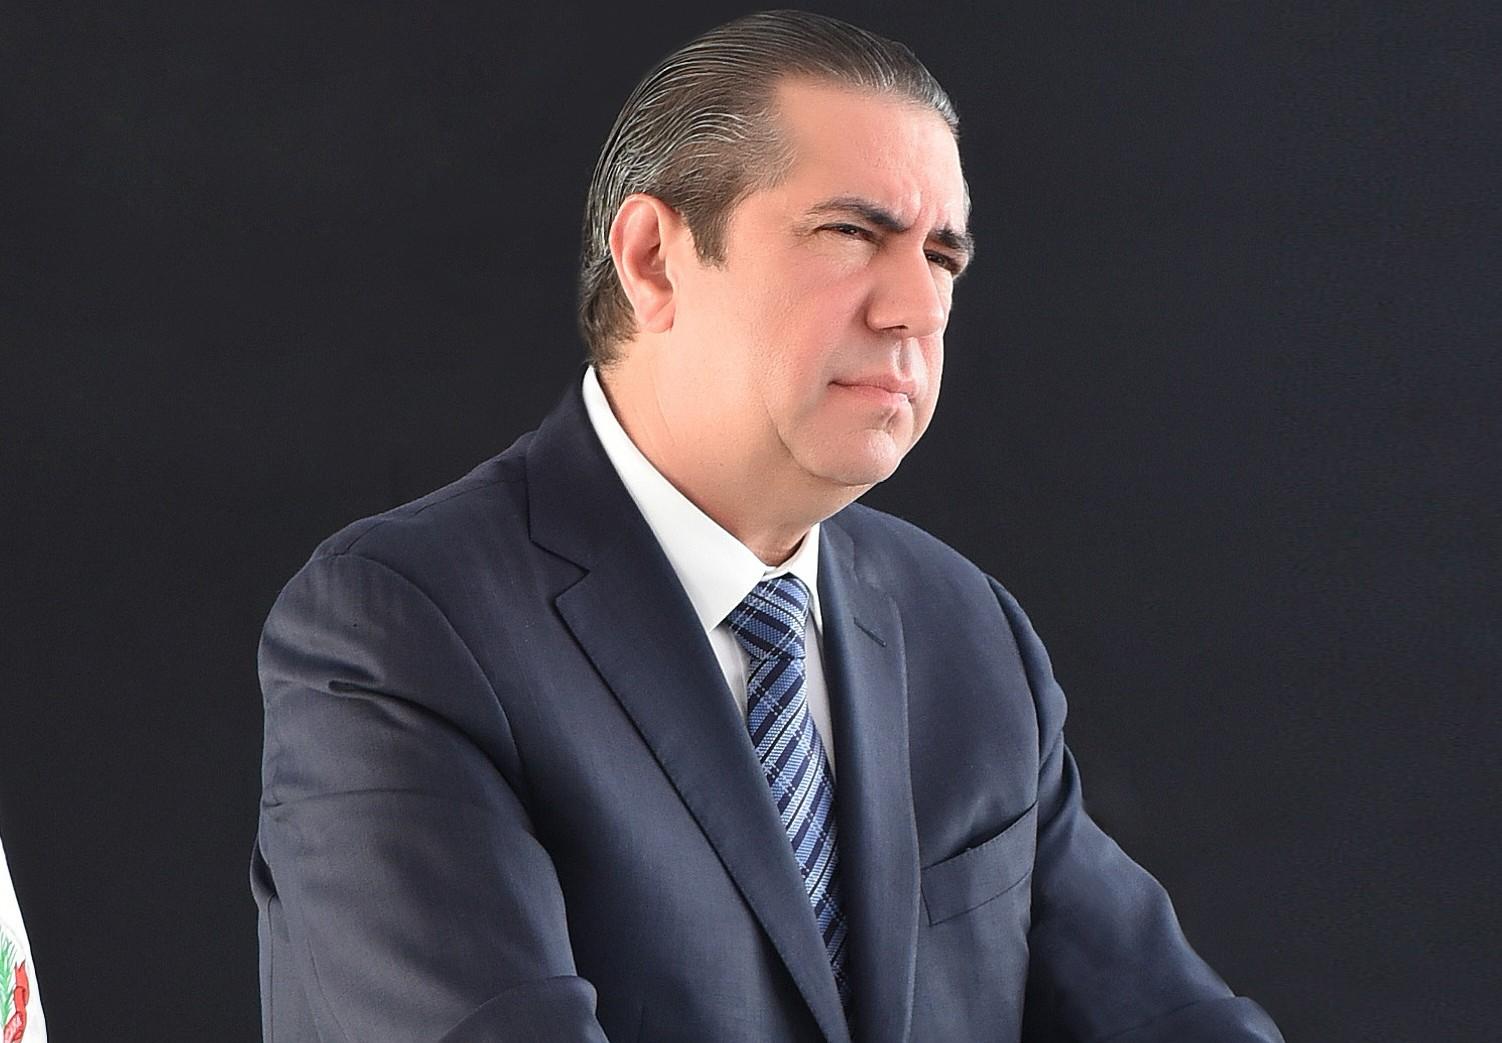 Francisco Javier destaca labordel periodista